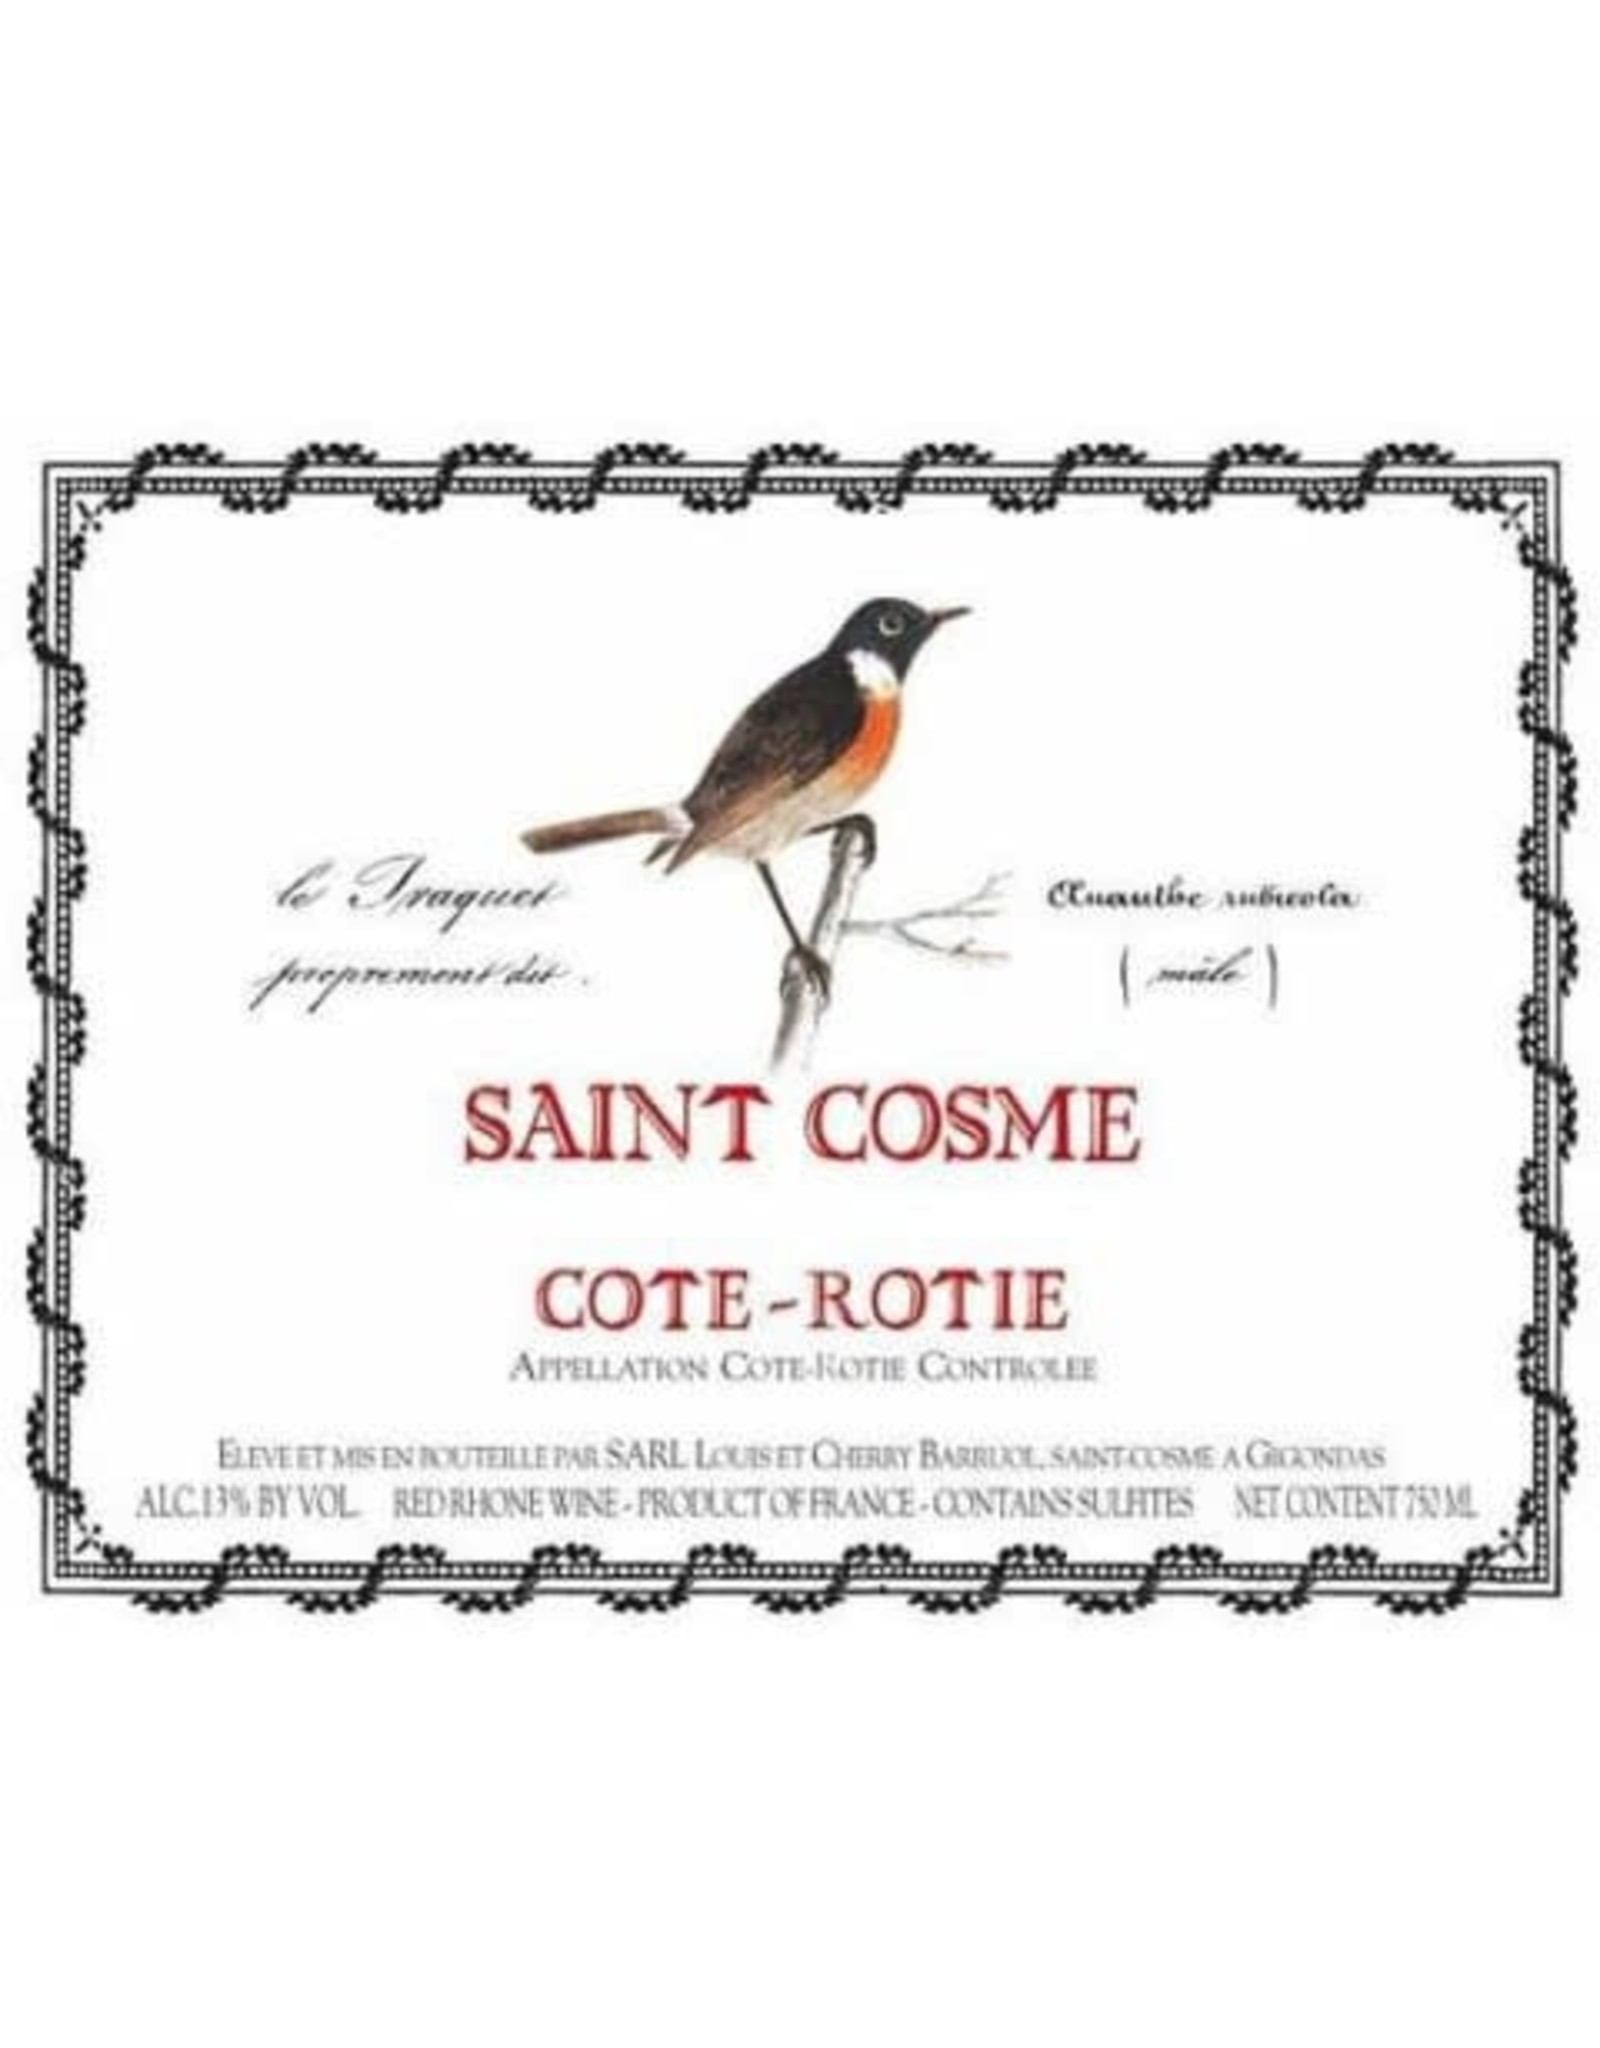 Saint Cosme Cote Rotie 2016